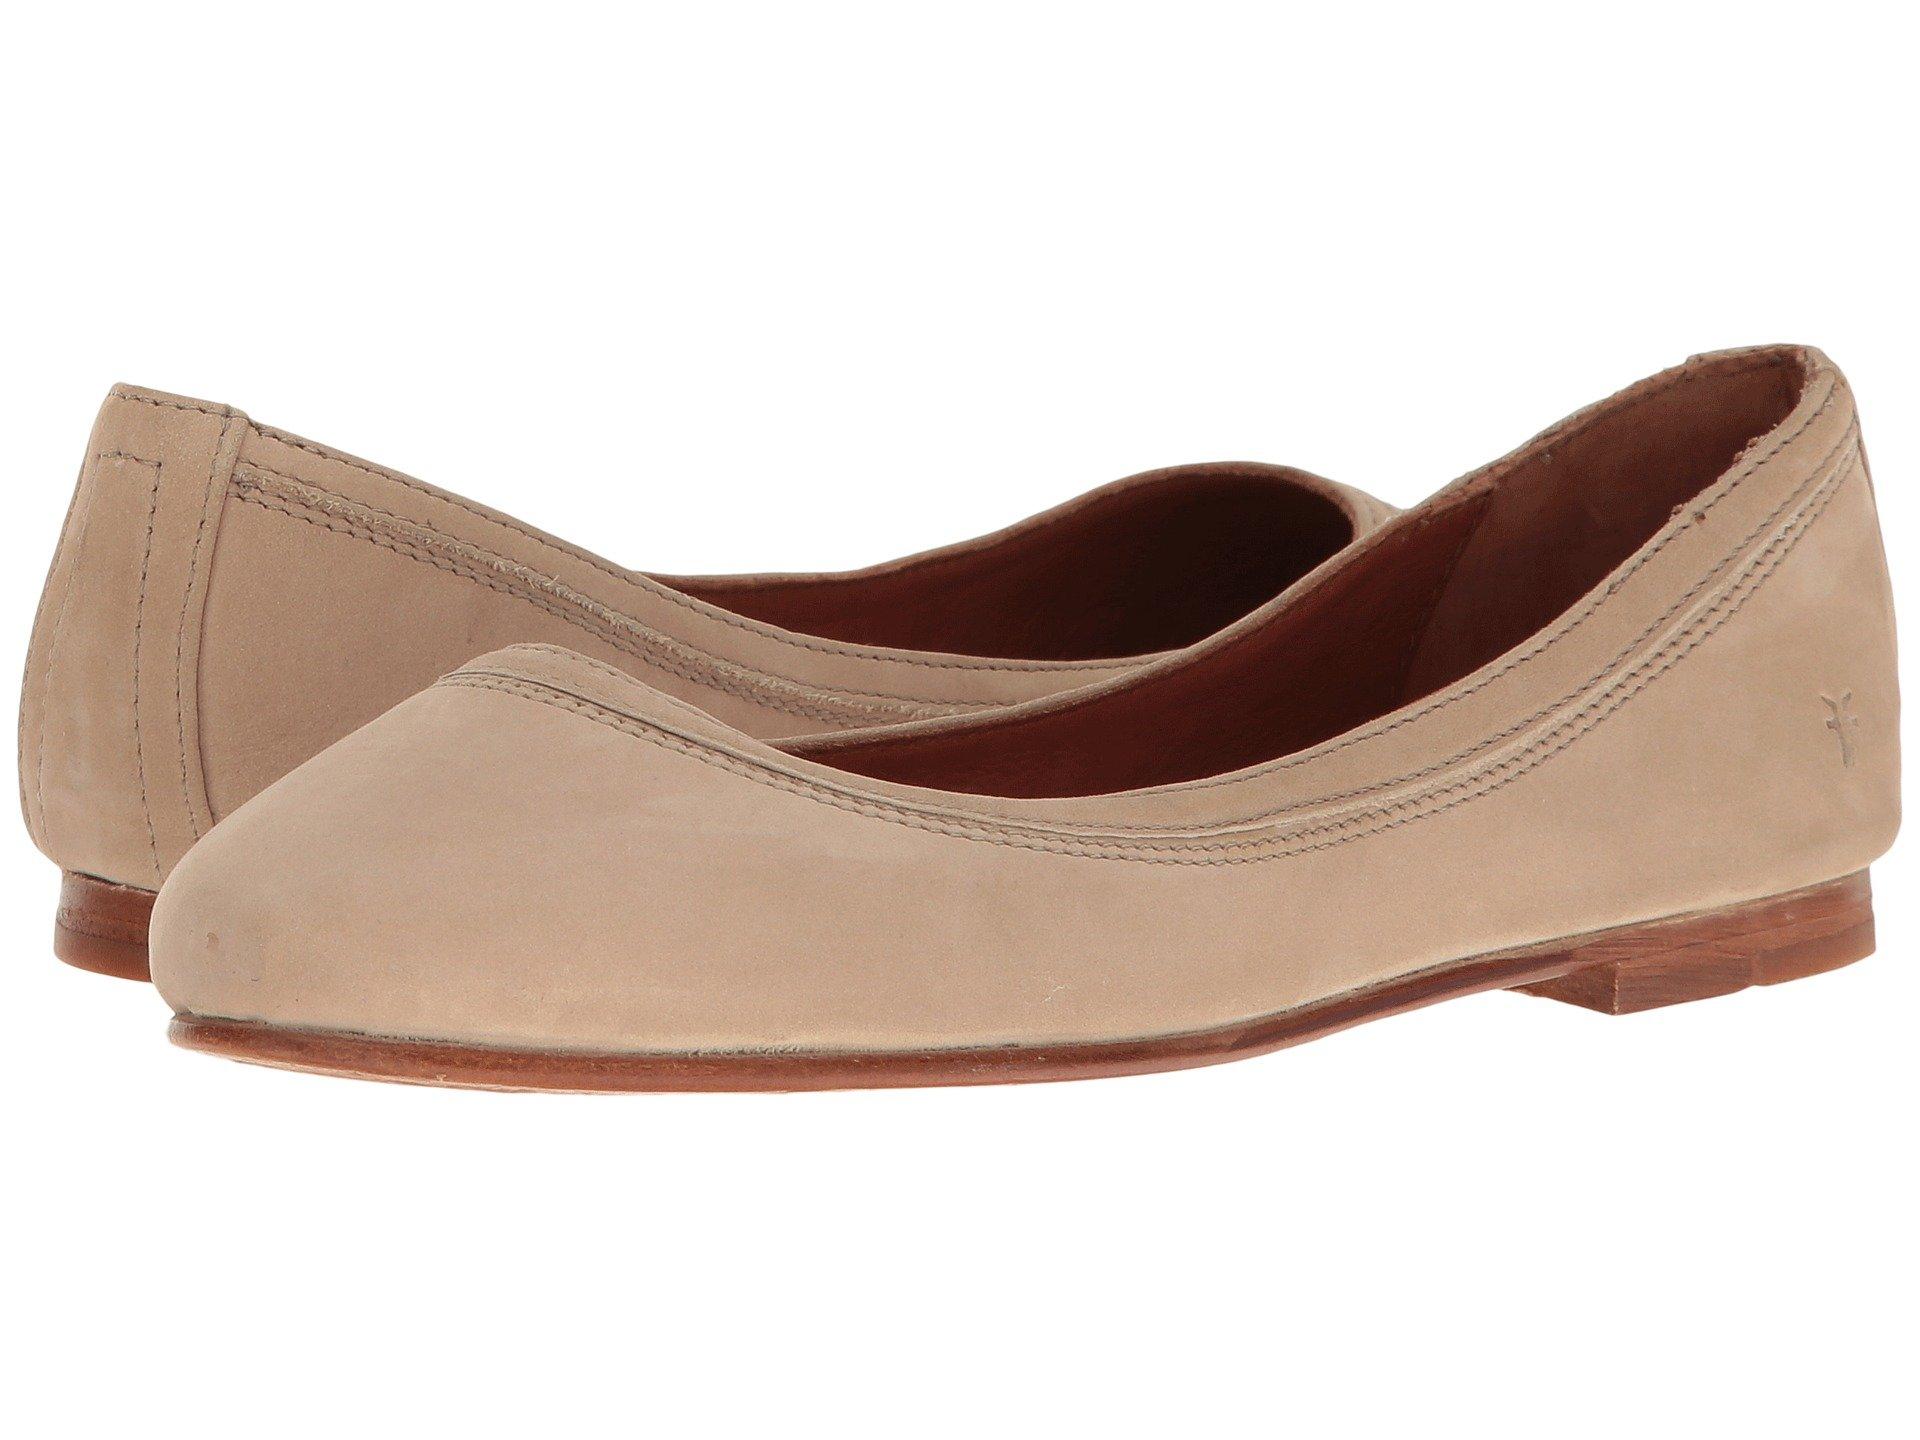 Carson Ballet